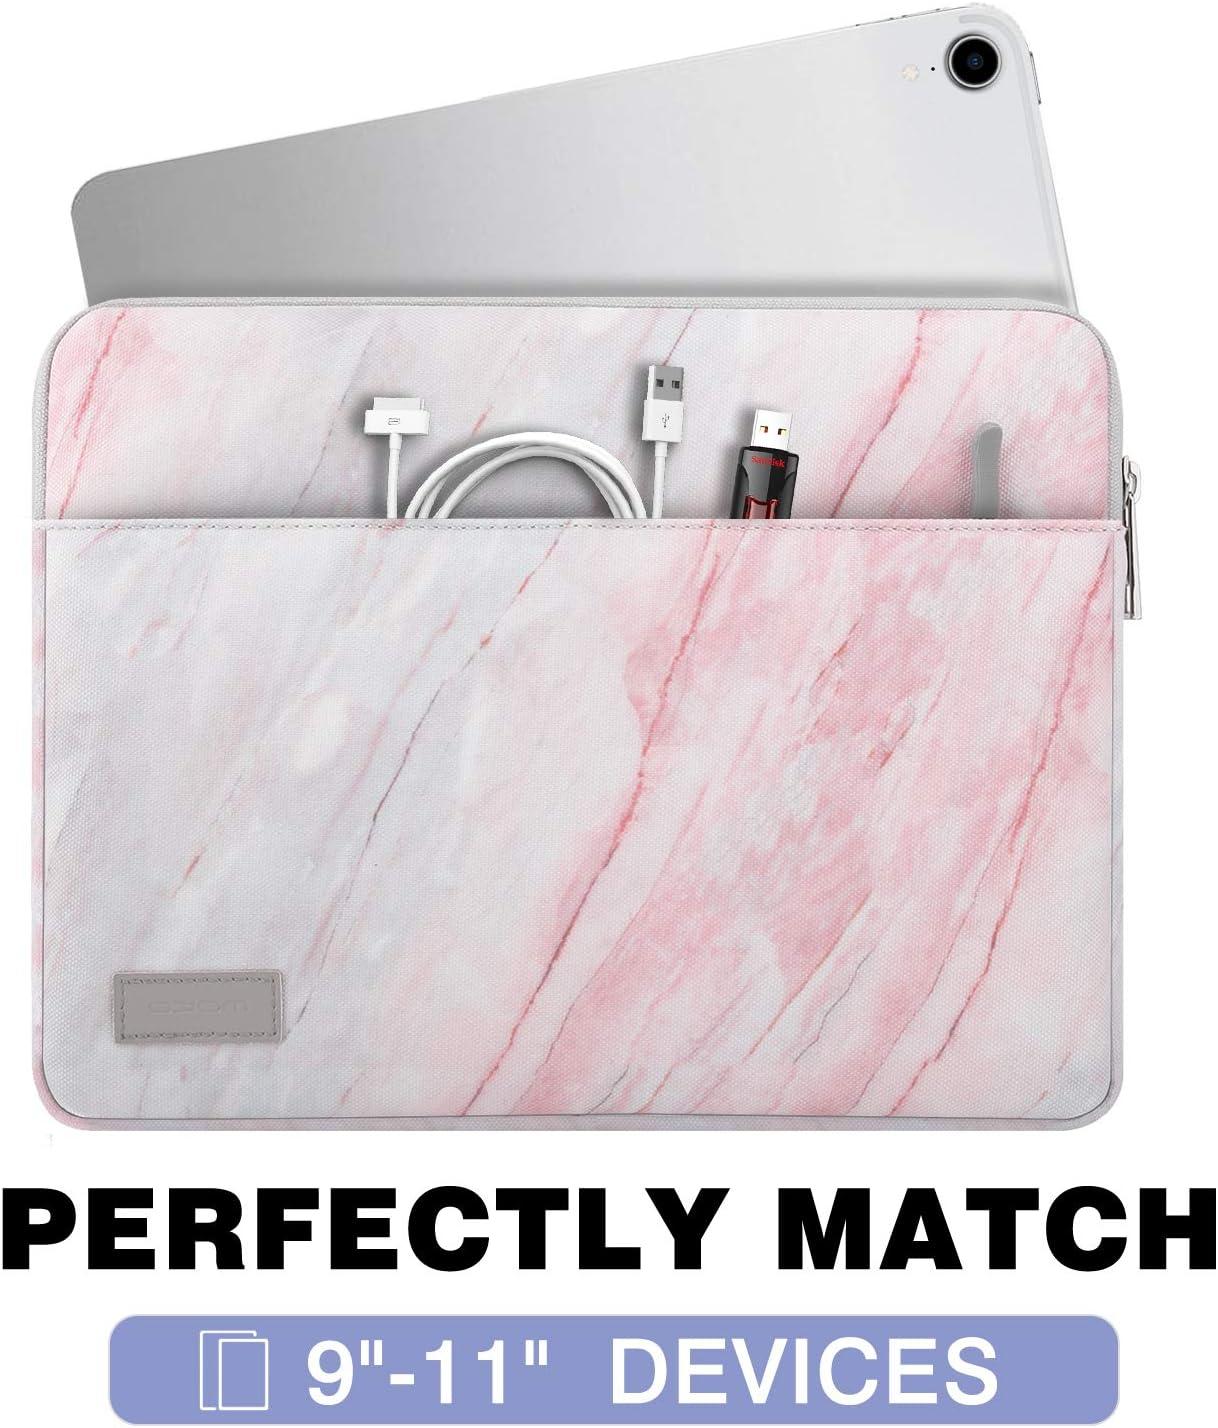 Rosa Grau Marmor Schutzh/ülle mit Rei/ßverschluss und 2 Tasche Tablet H/ülle aus Polyesterfaser f/ür 13-13.3 Inch Tablet MoKo Sleeve Tasche f/ür MacBook Air 13 MacBook Pro 13 Inch